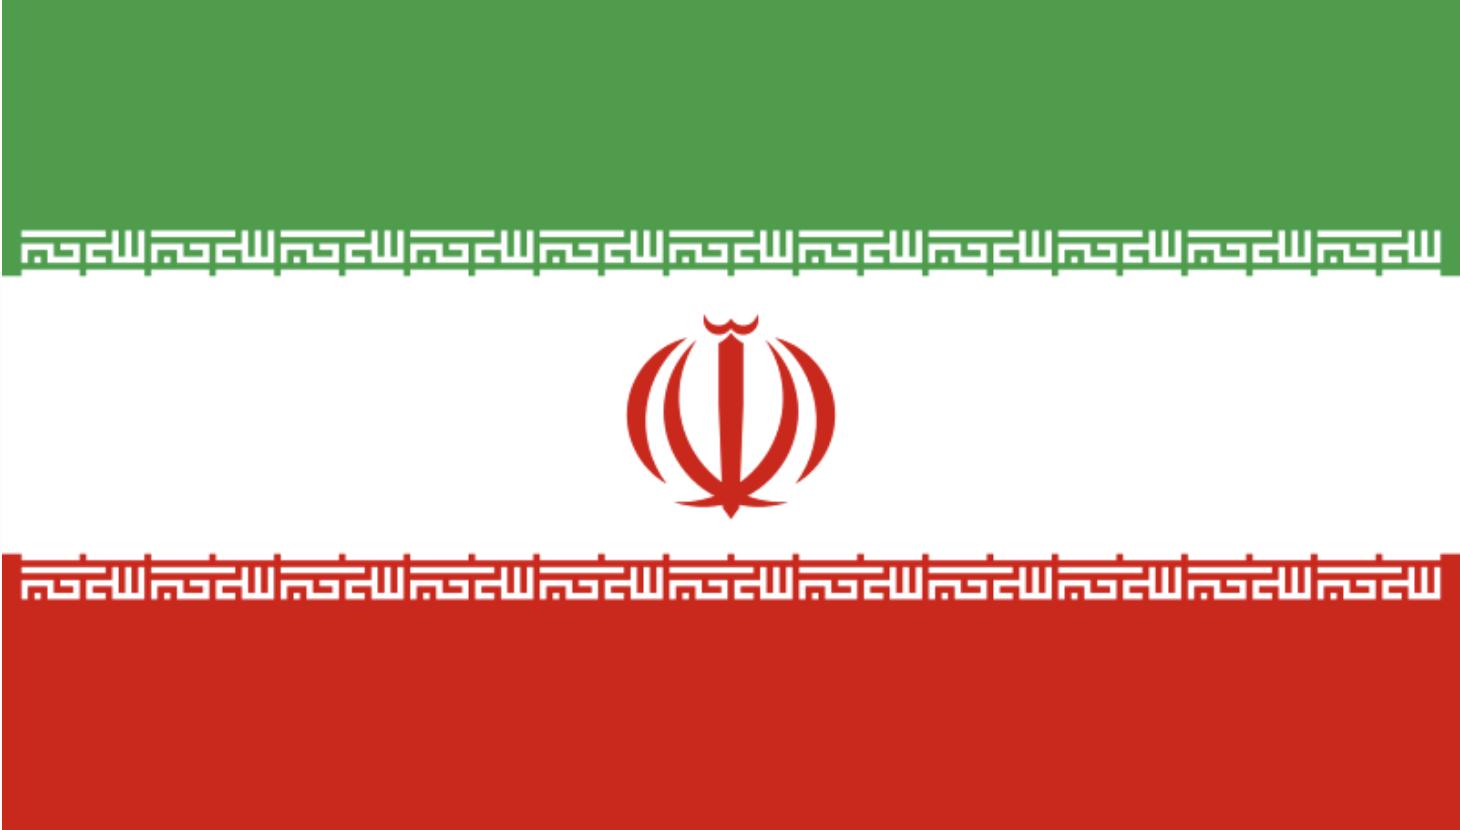 le drapeau de la république islamique d'Iran